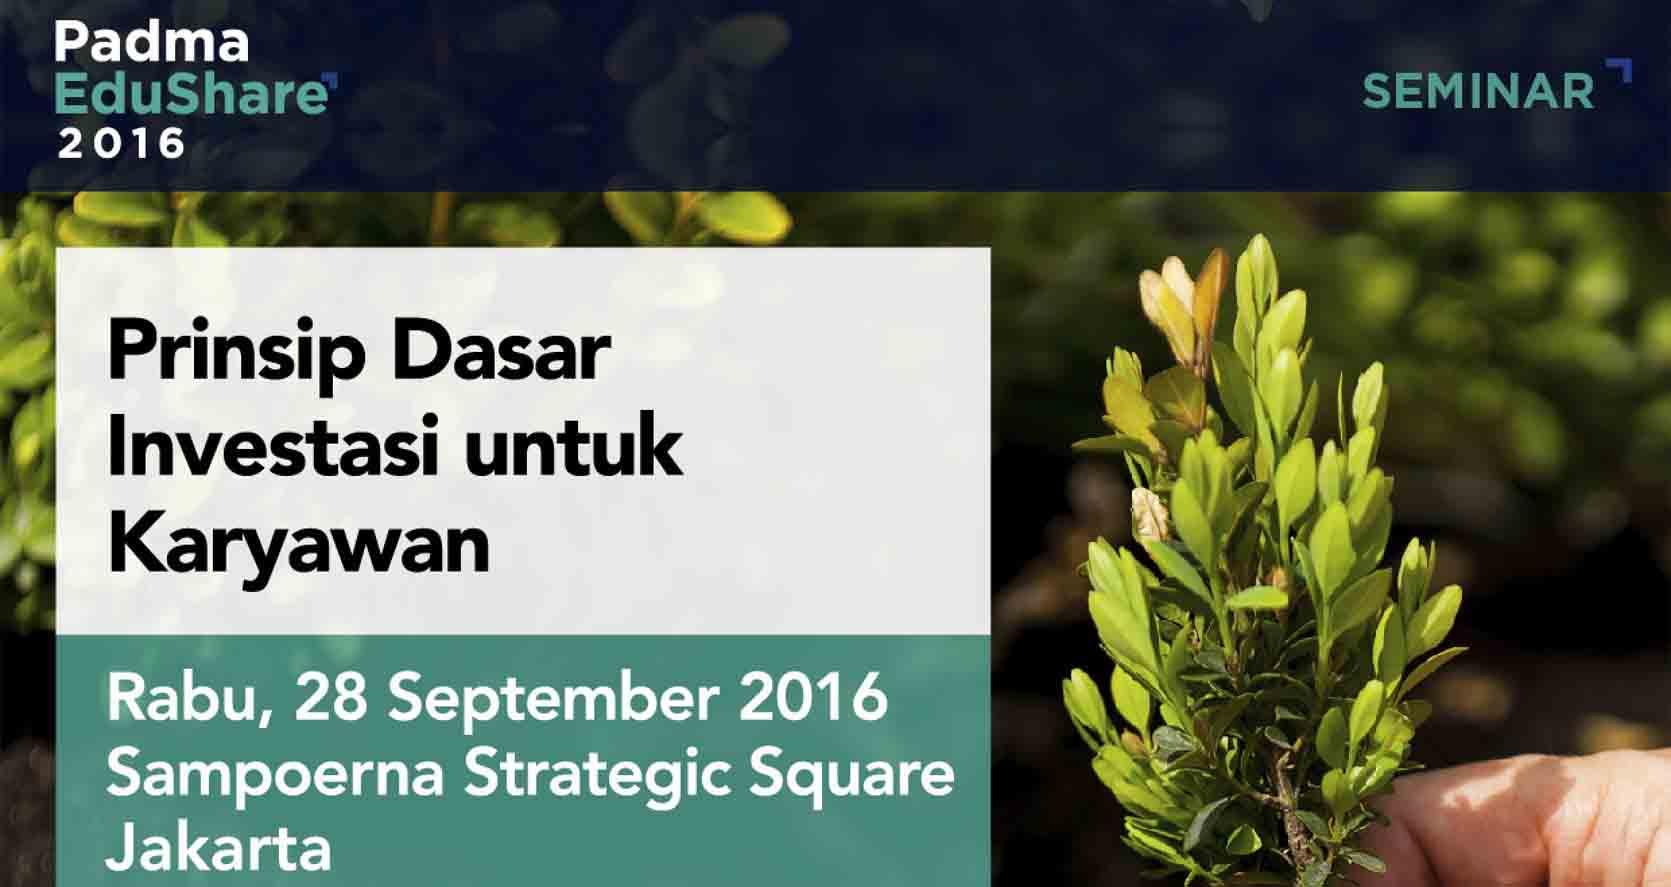 Investasi-Padma-Radya-Aktuaria-Konsultan-Aktuaria-Actuary-Consulting-In-Indonesia